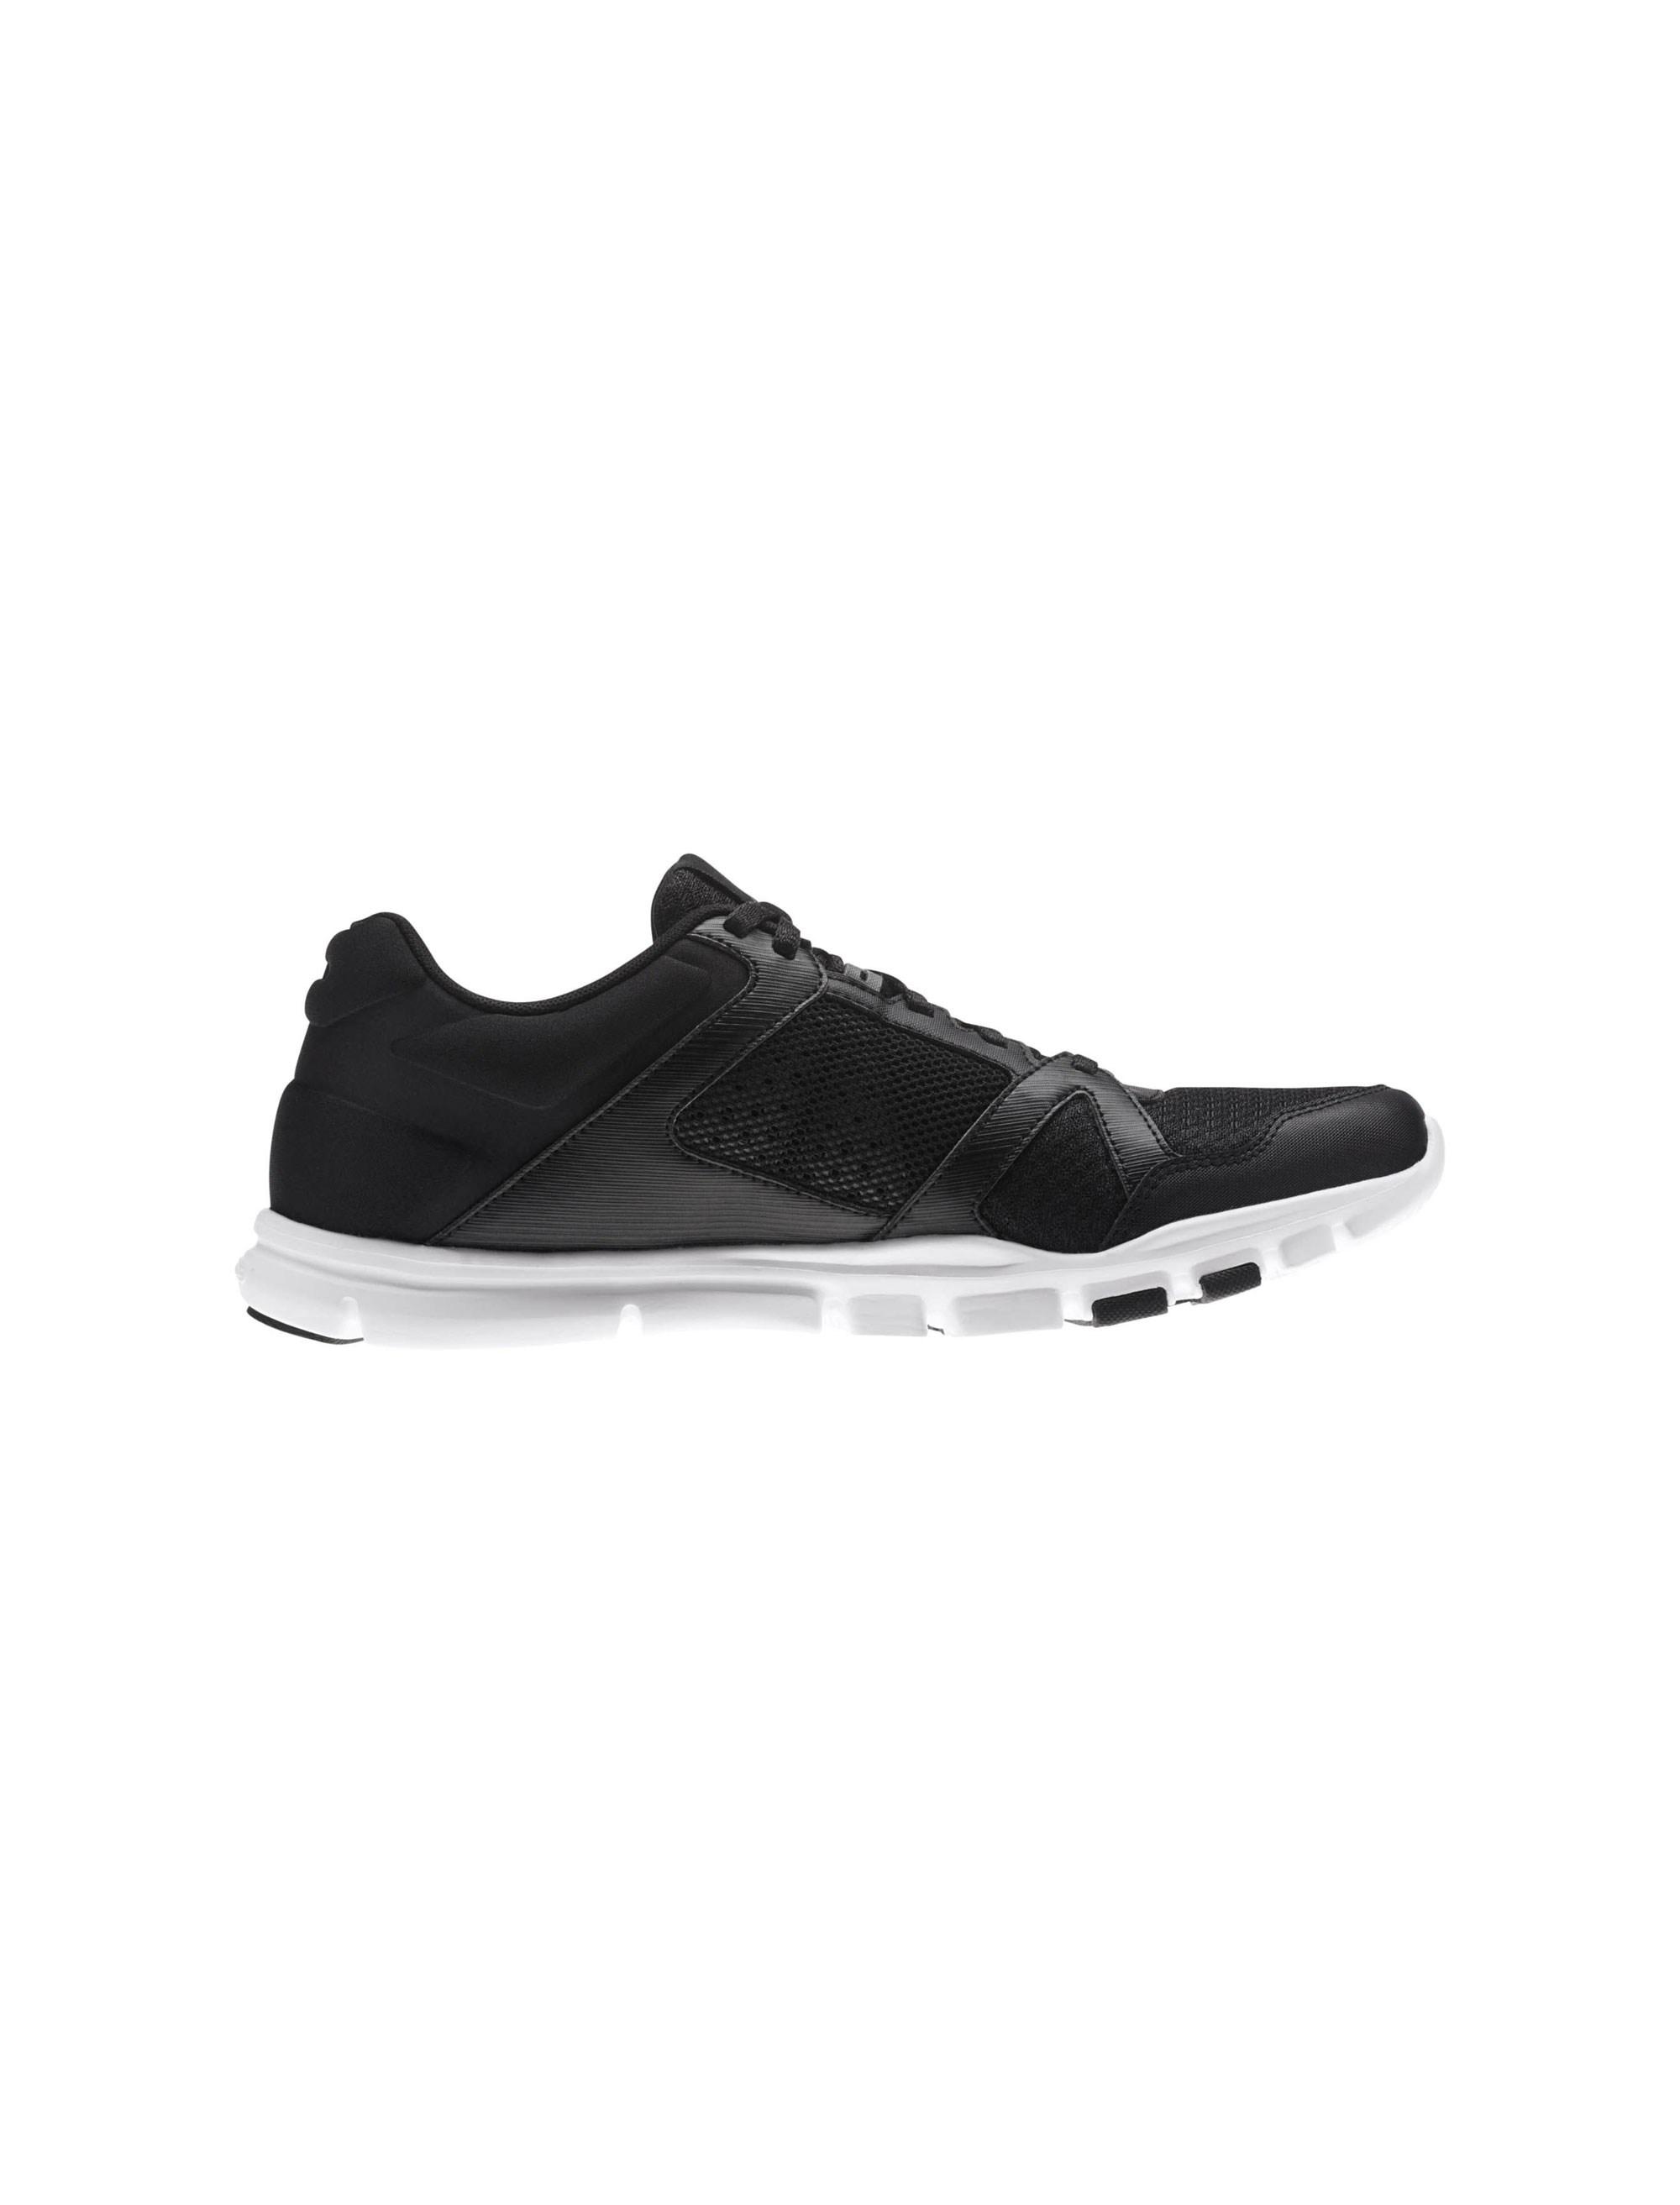 قیمت کفش تمرین بندی مردانه - ریباک